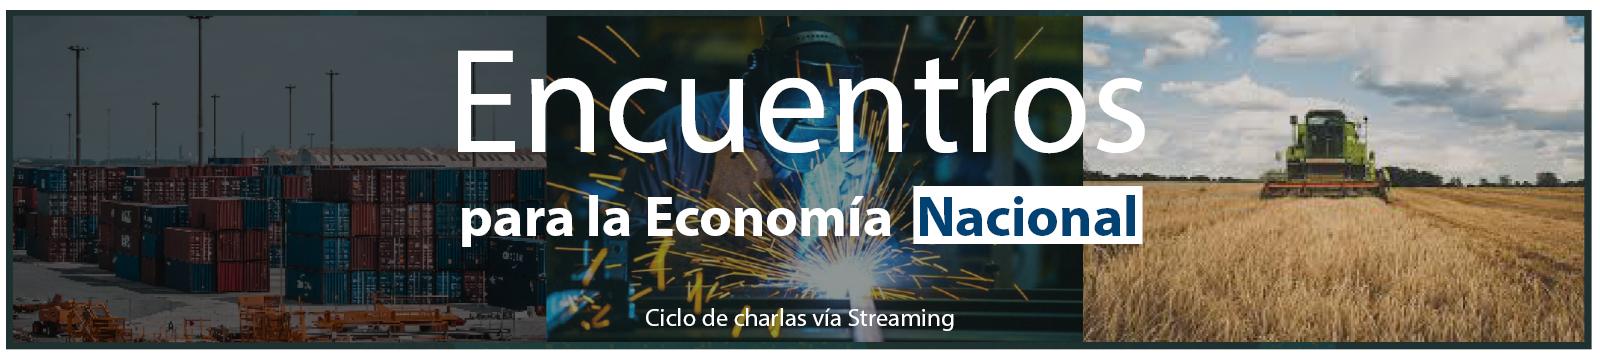 Encuentros para la Economía Nacional